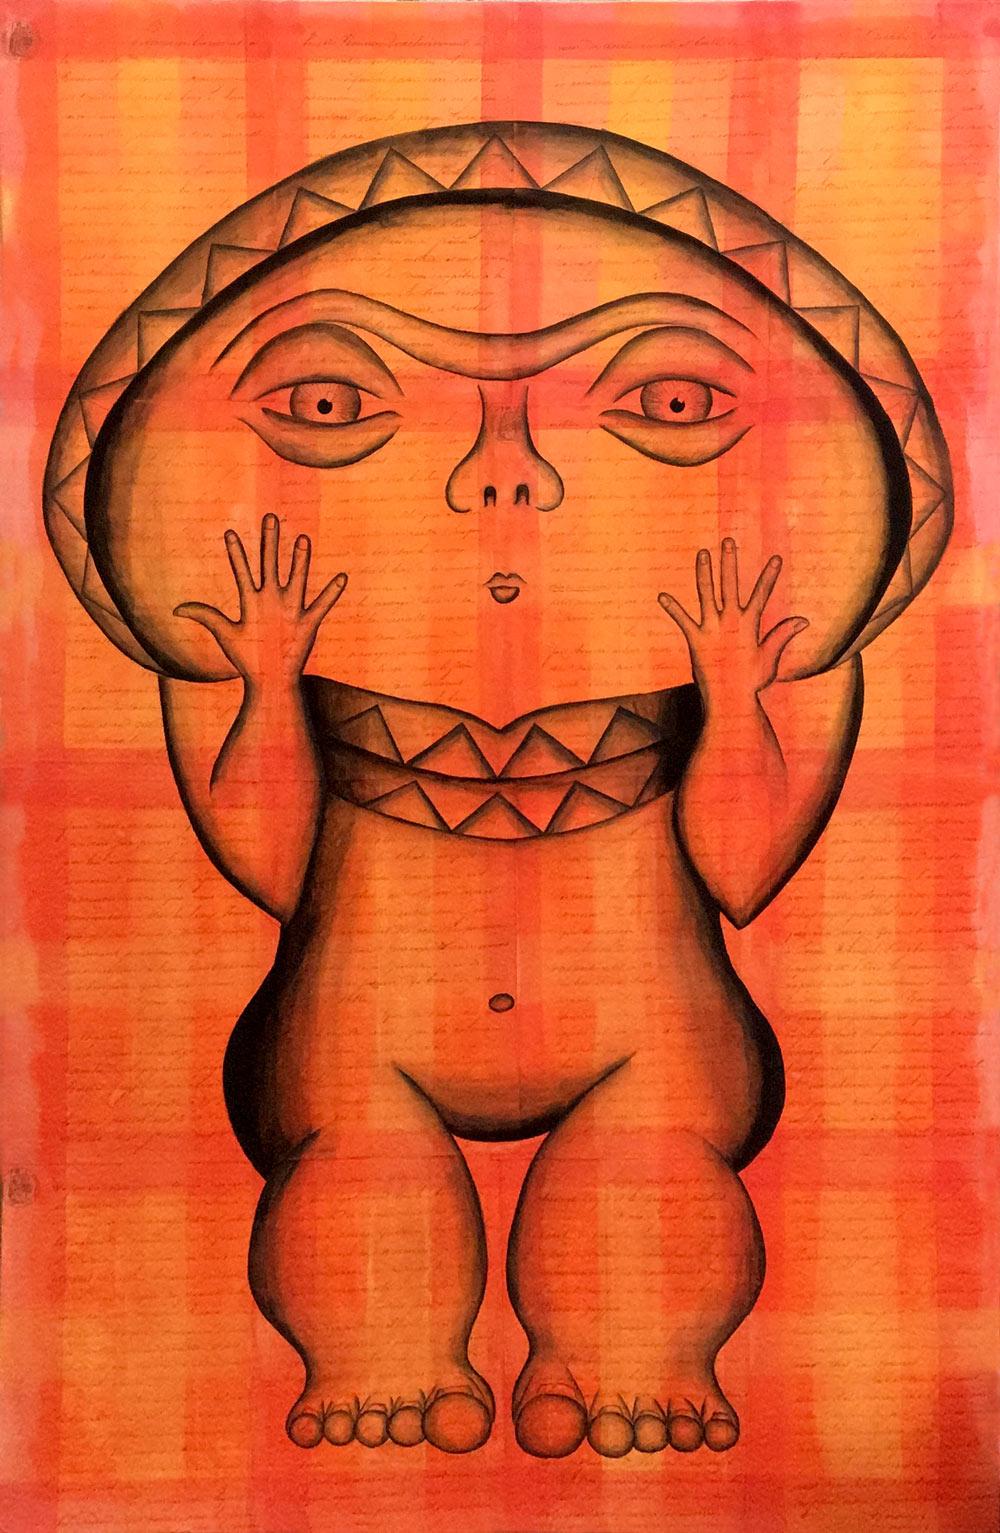 La cruche savante  | 60 cm x 80 cm |Papier ancien marouflé sur toile